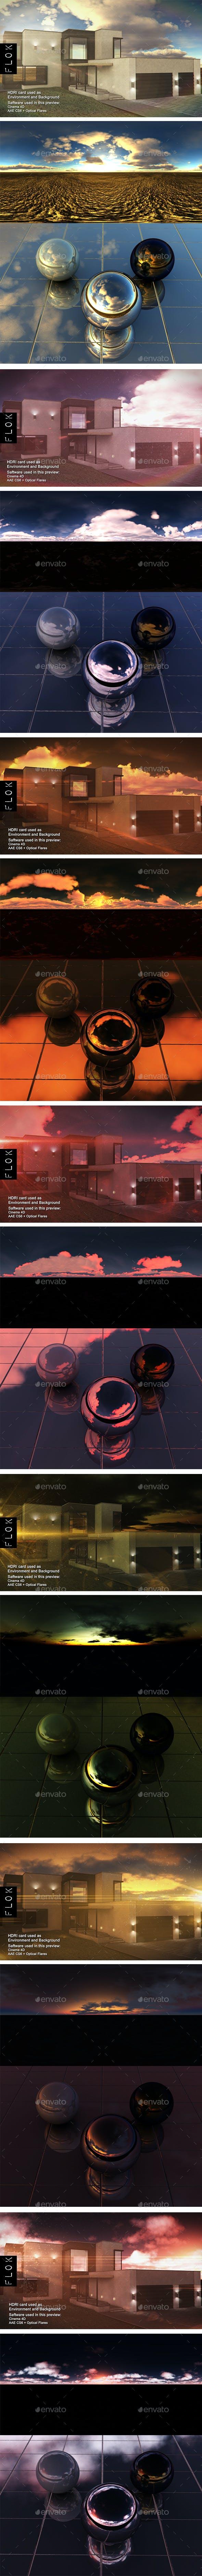 HDRI Pack - Desert vol 17 - 3DOcean Item for Sale